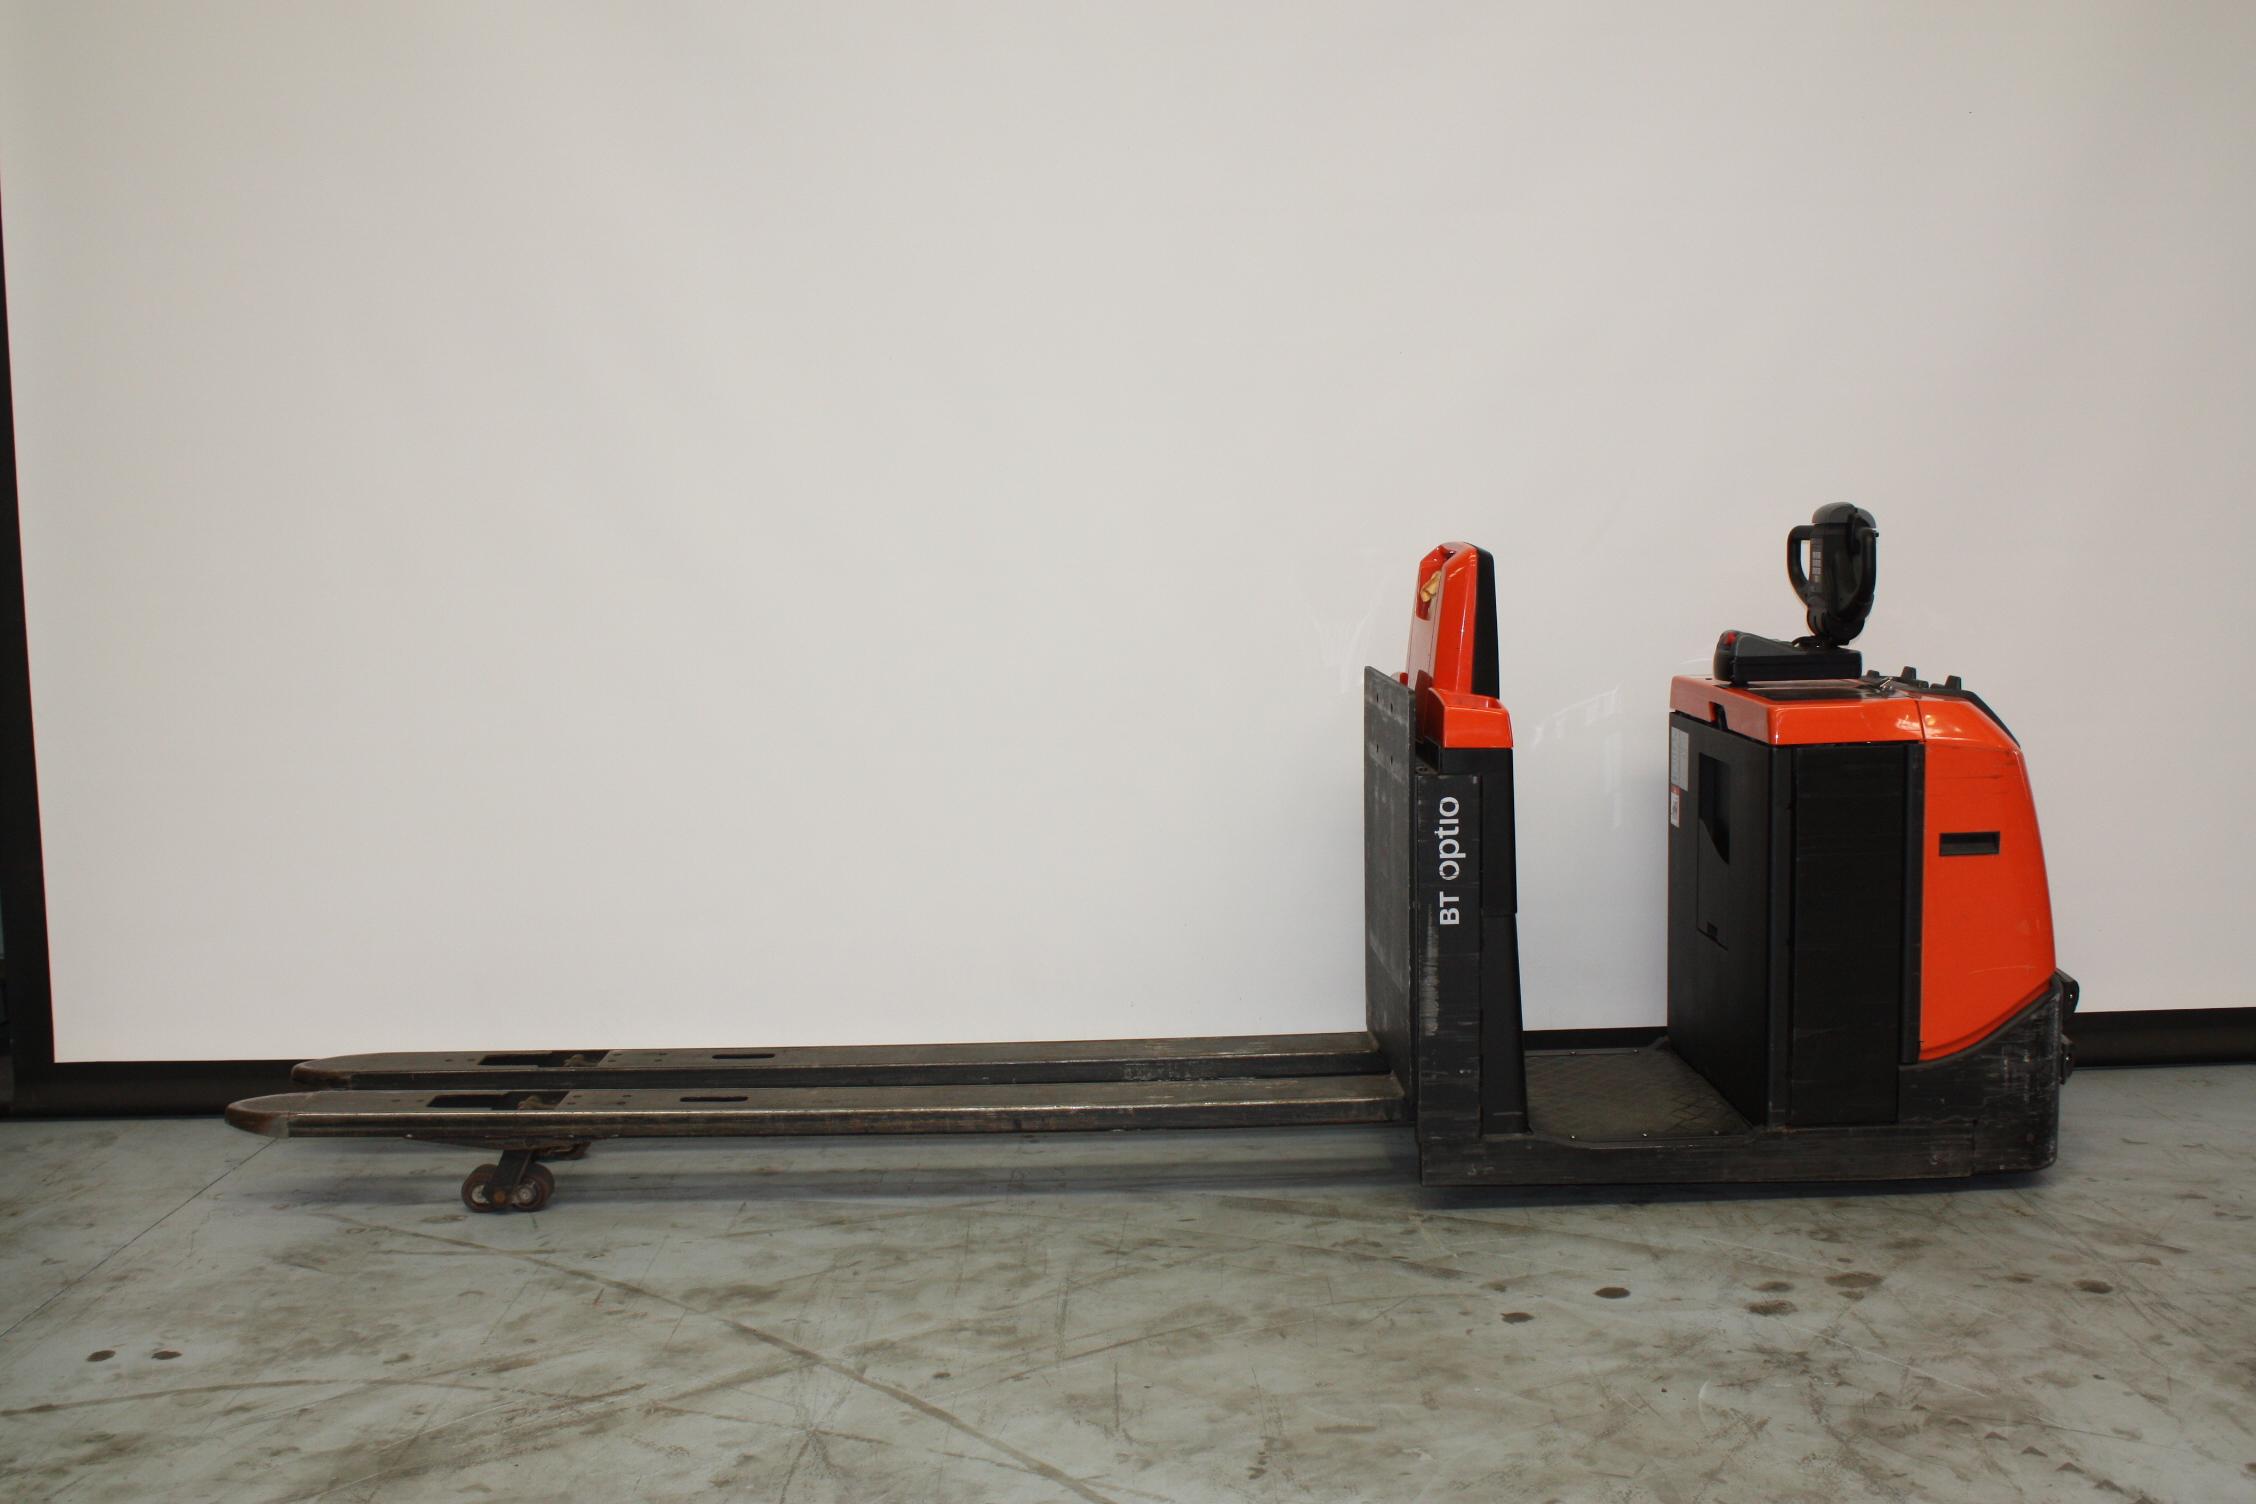 Toyota-Gabelstapler-59840 1503021250 1 7